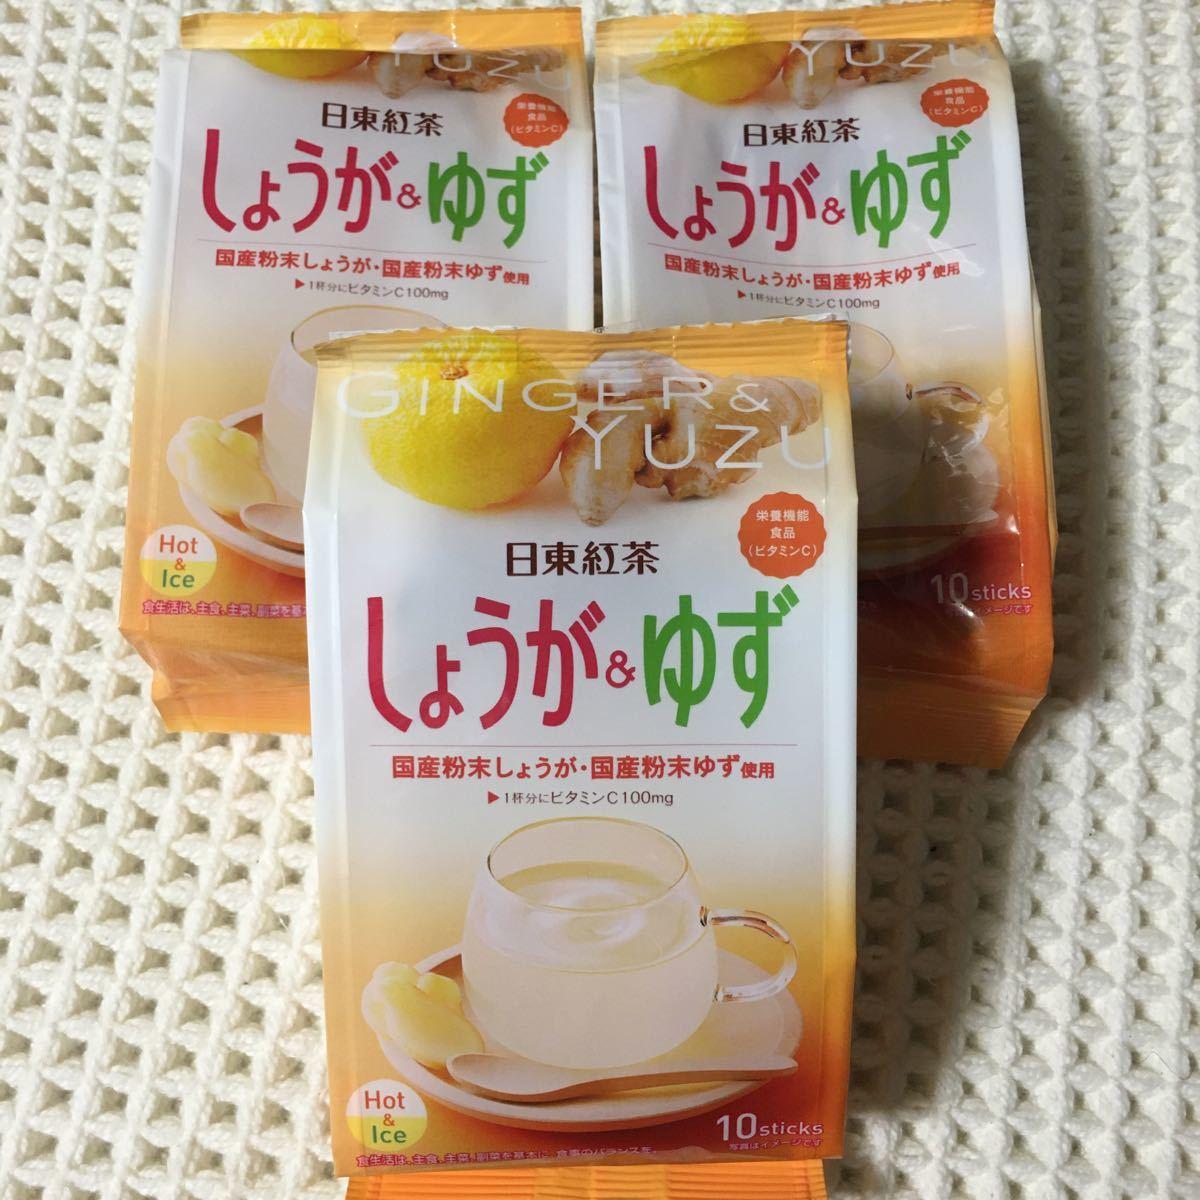 日東紅茶 しょうが&ゆず 10本入×3袋